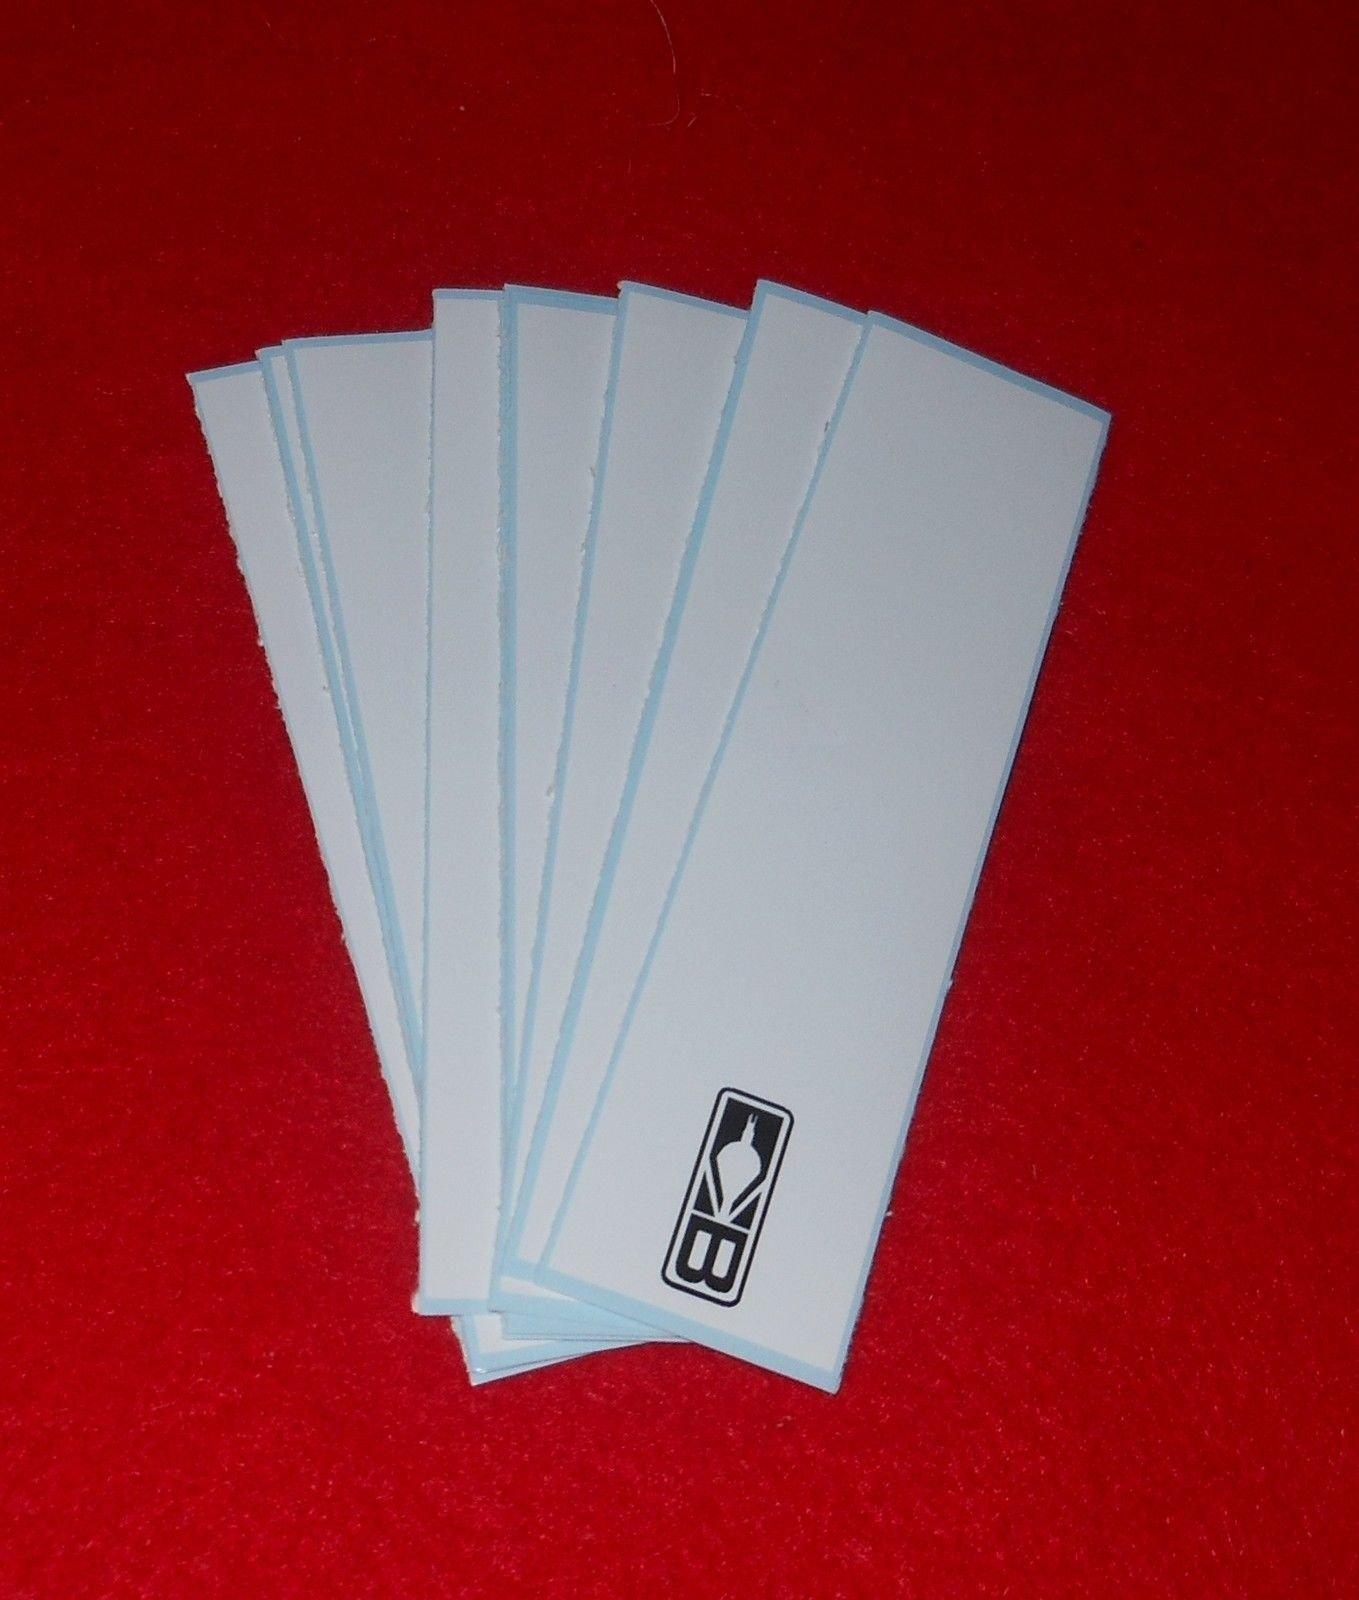 Blazer Arrow Wraps 4''x1'' White 1 Dz